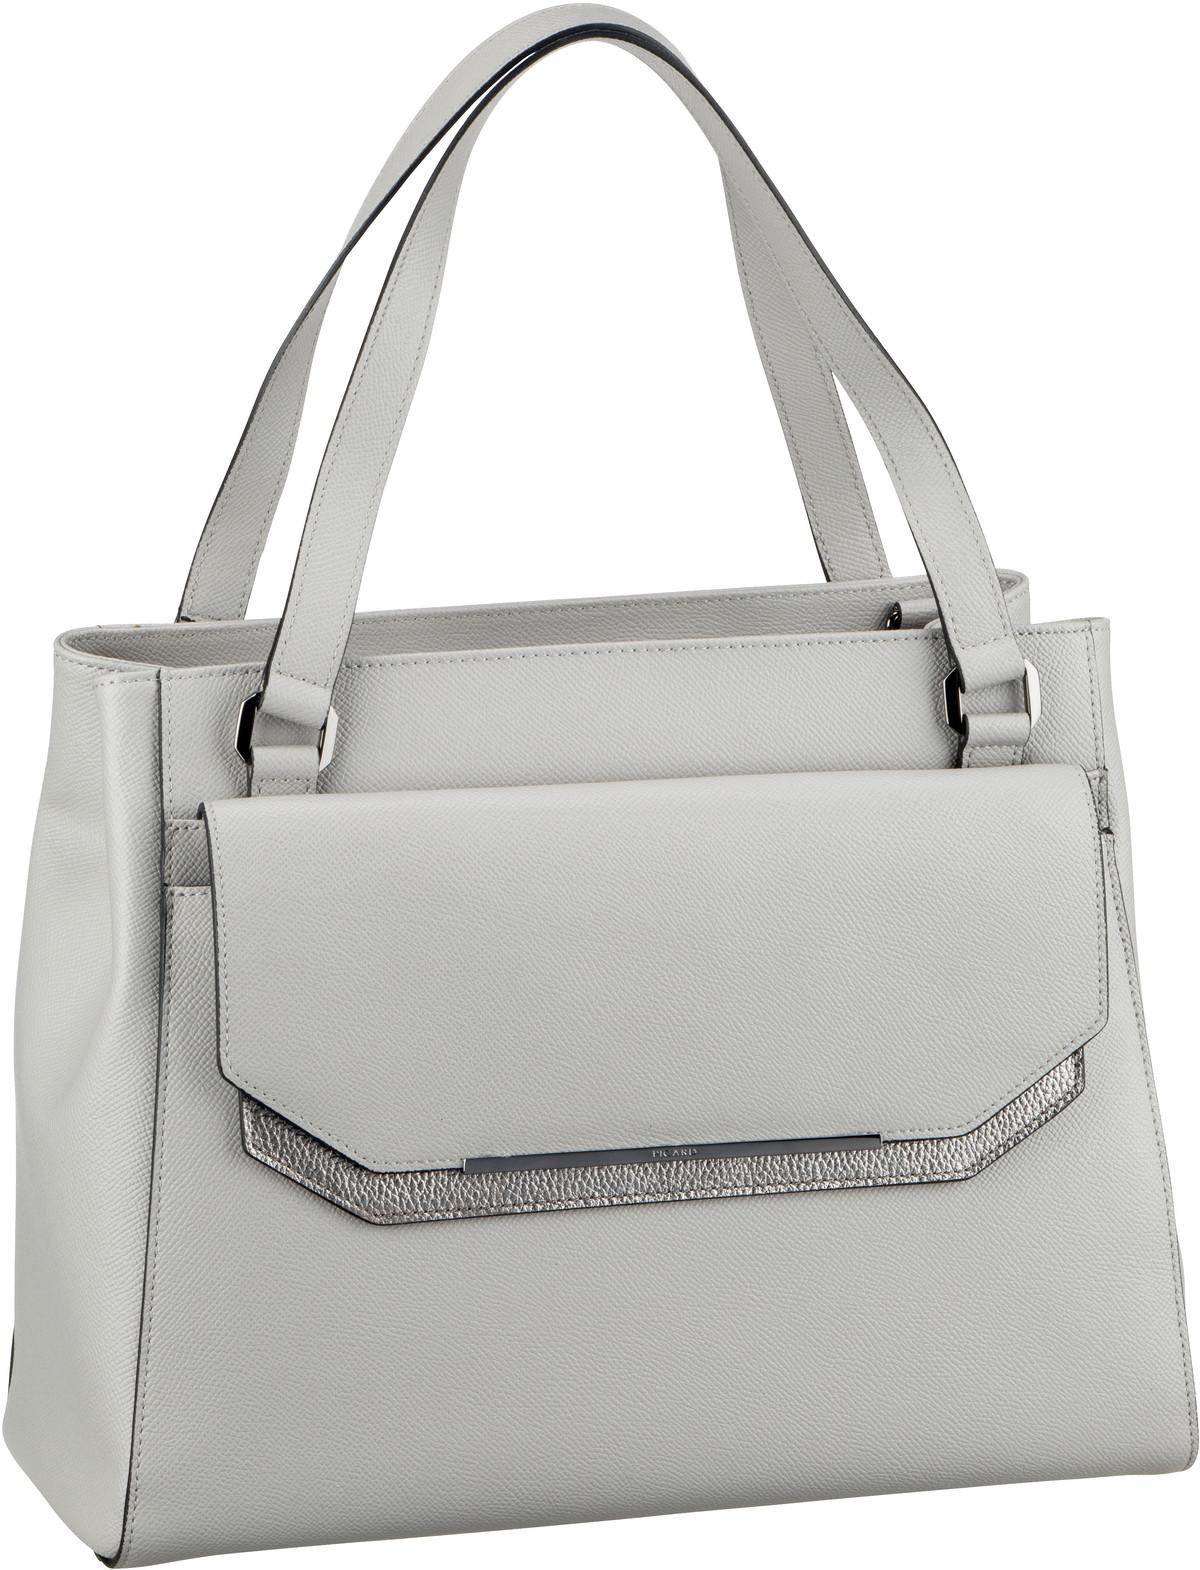 Handtasche 2Way 9505 Kiesel/Kombi